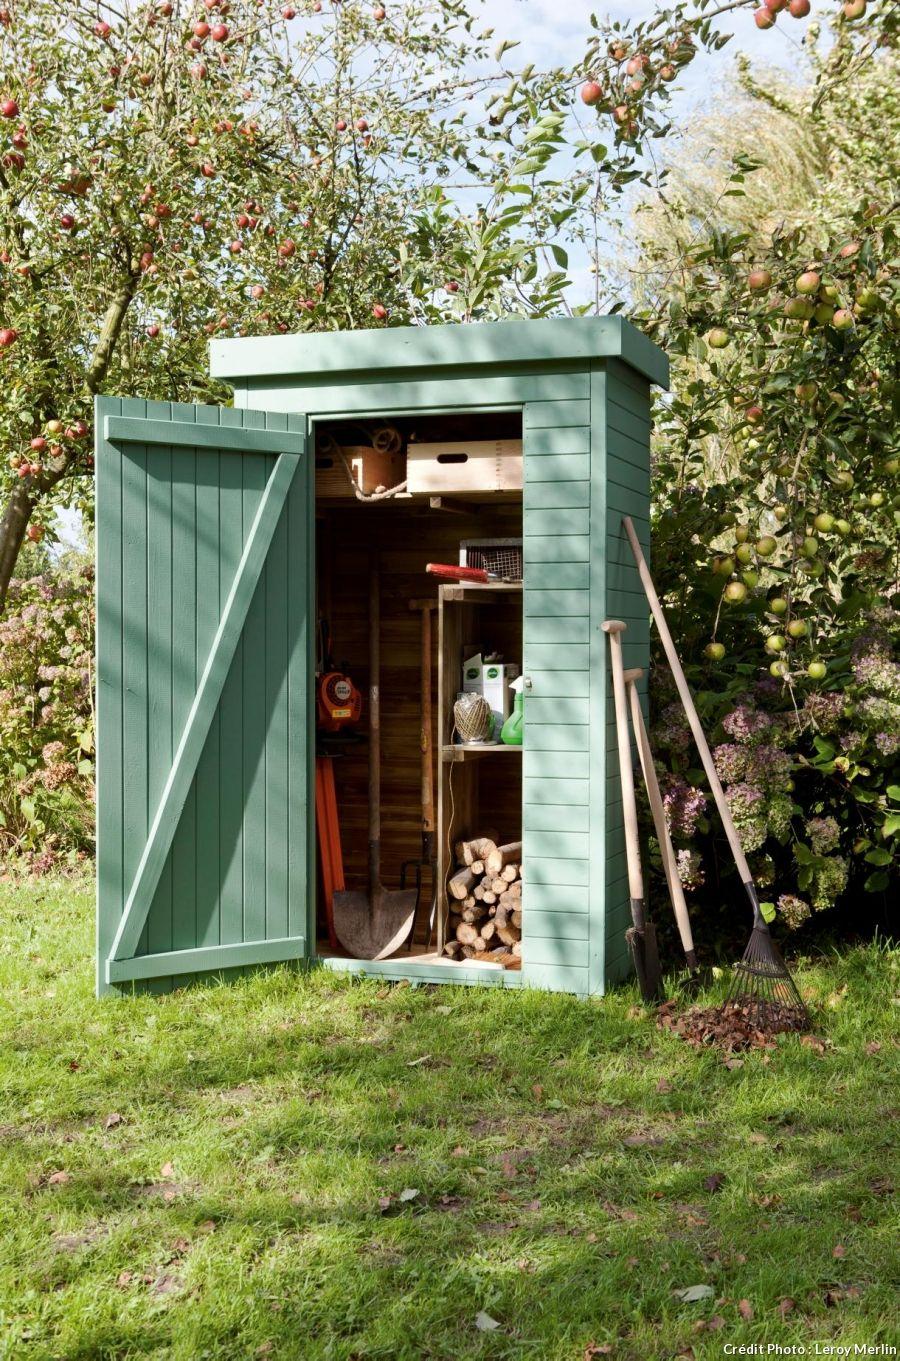 12 Idées De Rangement Pour Les Outils De Jardin | Outdoor ... intérieur Armoire De Jardin Leroy Merlin